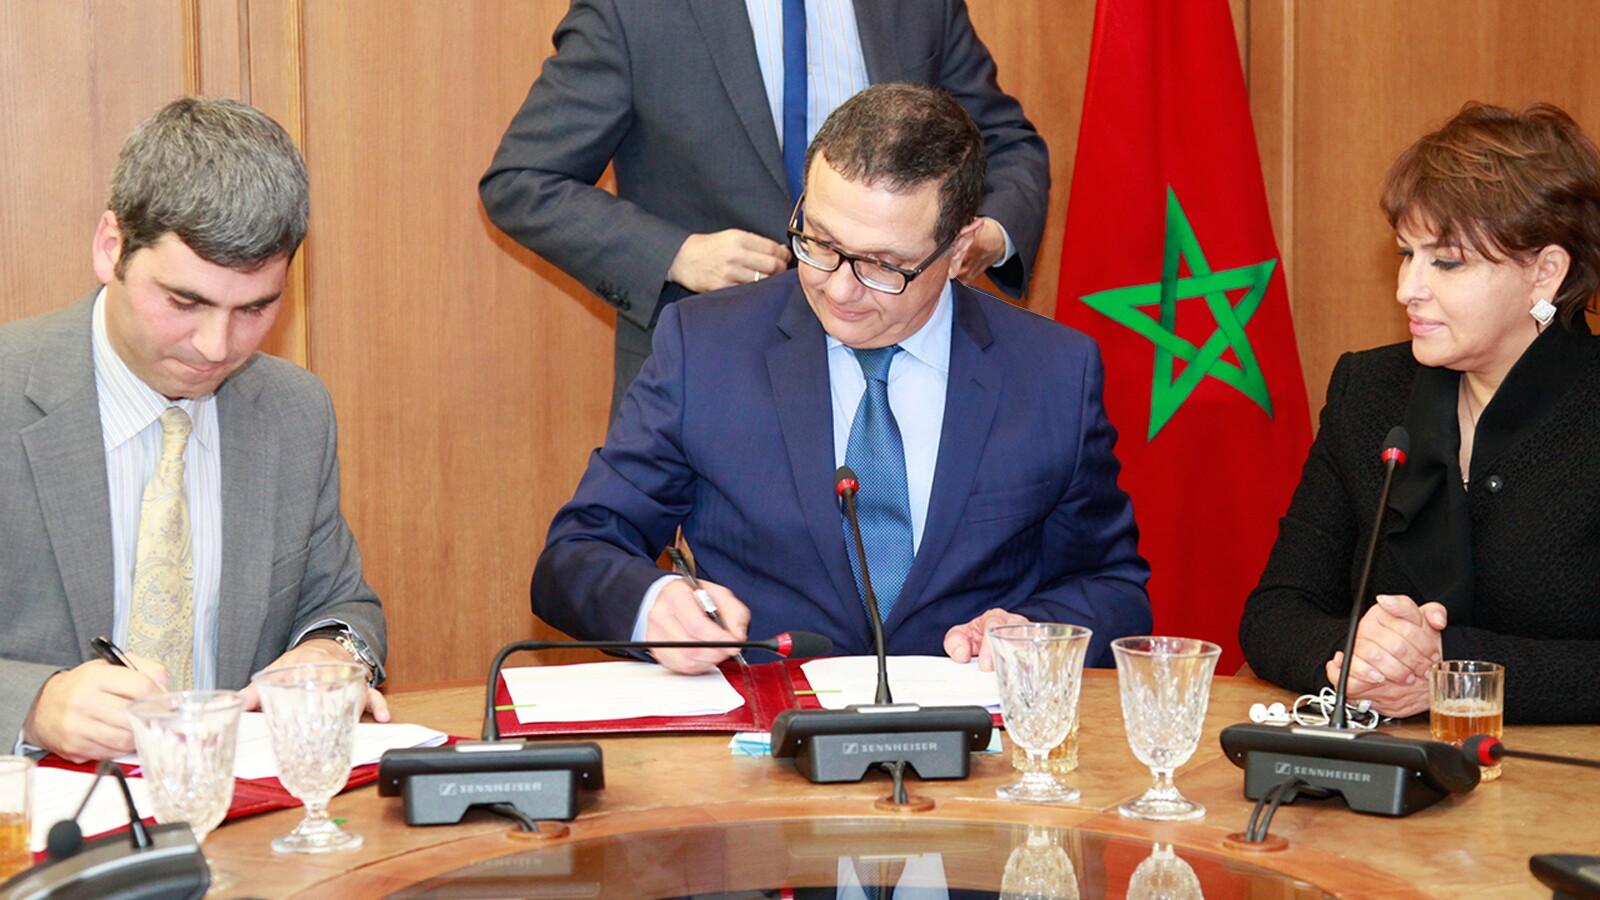 Le ministre de l'Economie et des finances, Mohamed Boussaïd, et la ministre déléguée à l'Environnement, Hakima El Haite, lors de la signature d'un prêt de 130 millions de dollars en mars 2015 avec la Banque mondiale dans le cadre   du développement du secteur des déchets ménagers. En l'absence de filières nationales de valorisation, les cimentiers marocains importent chaque année plusieurs dizaines de milliers de tonnes de déchets, principalement de l'Union européenne. MAP